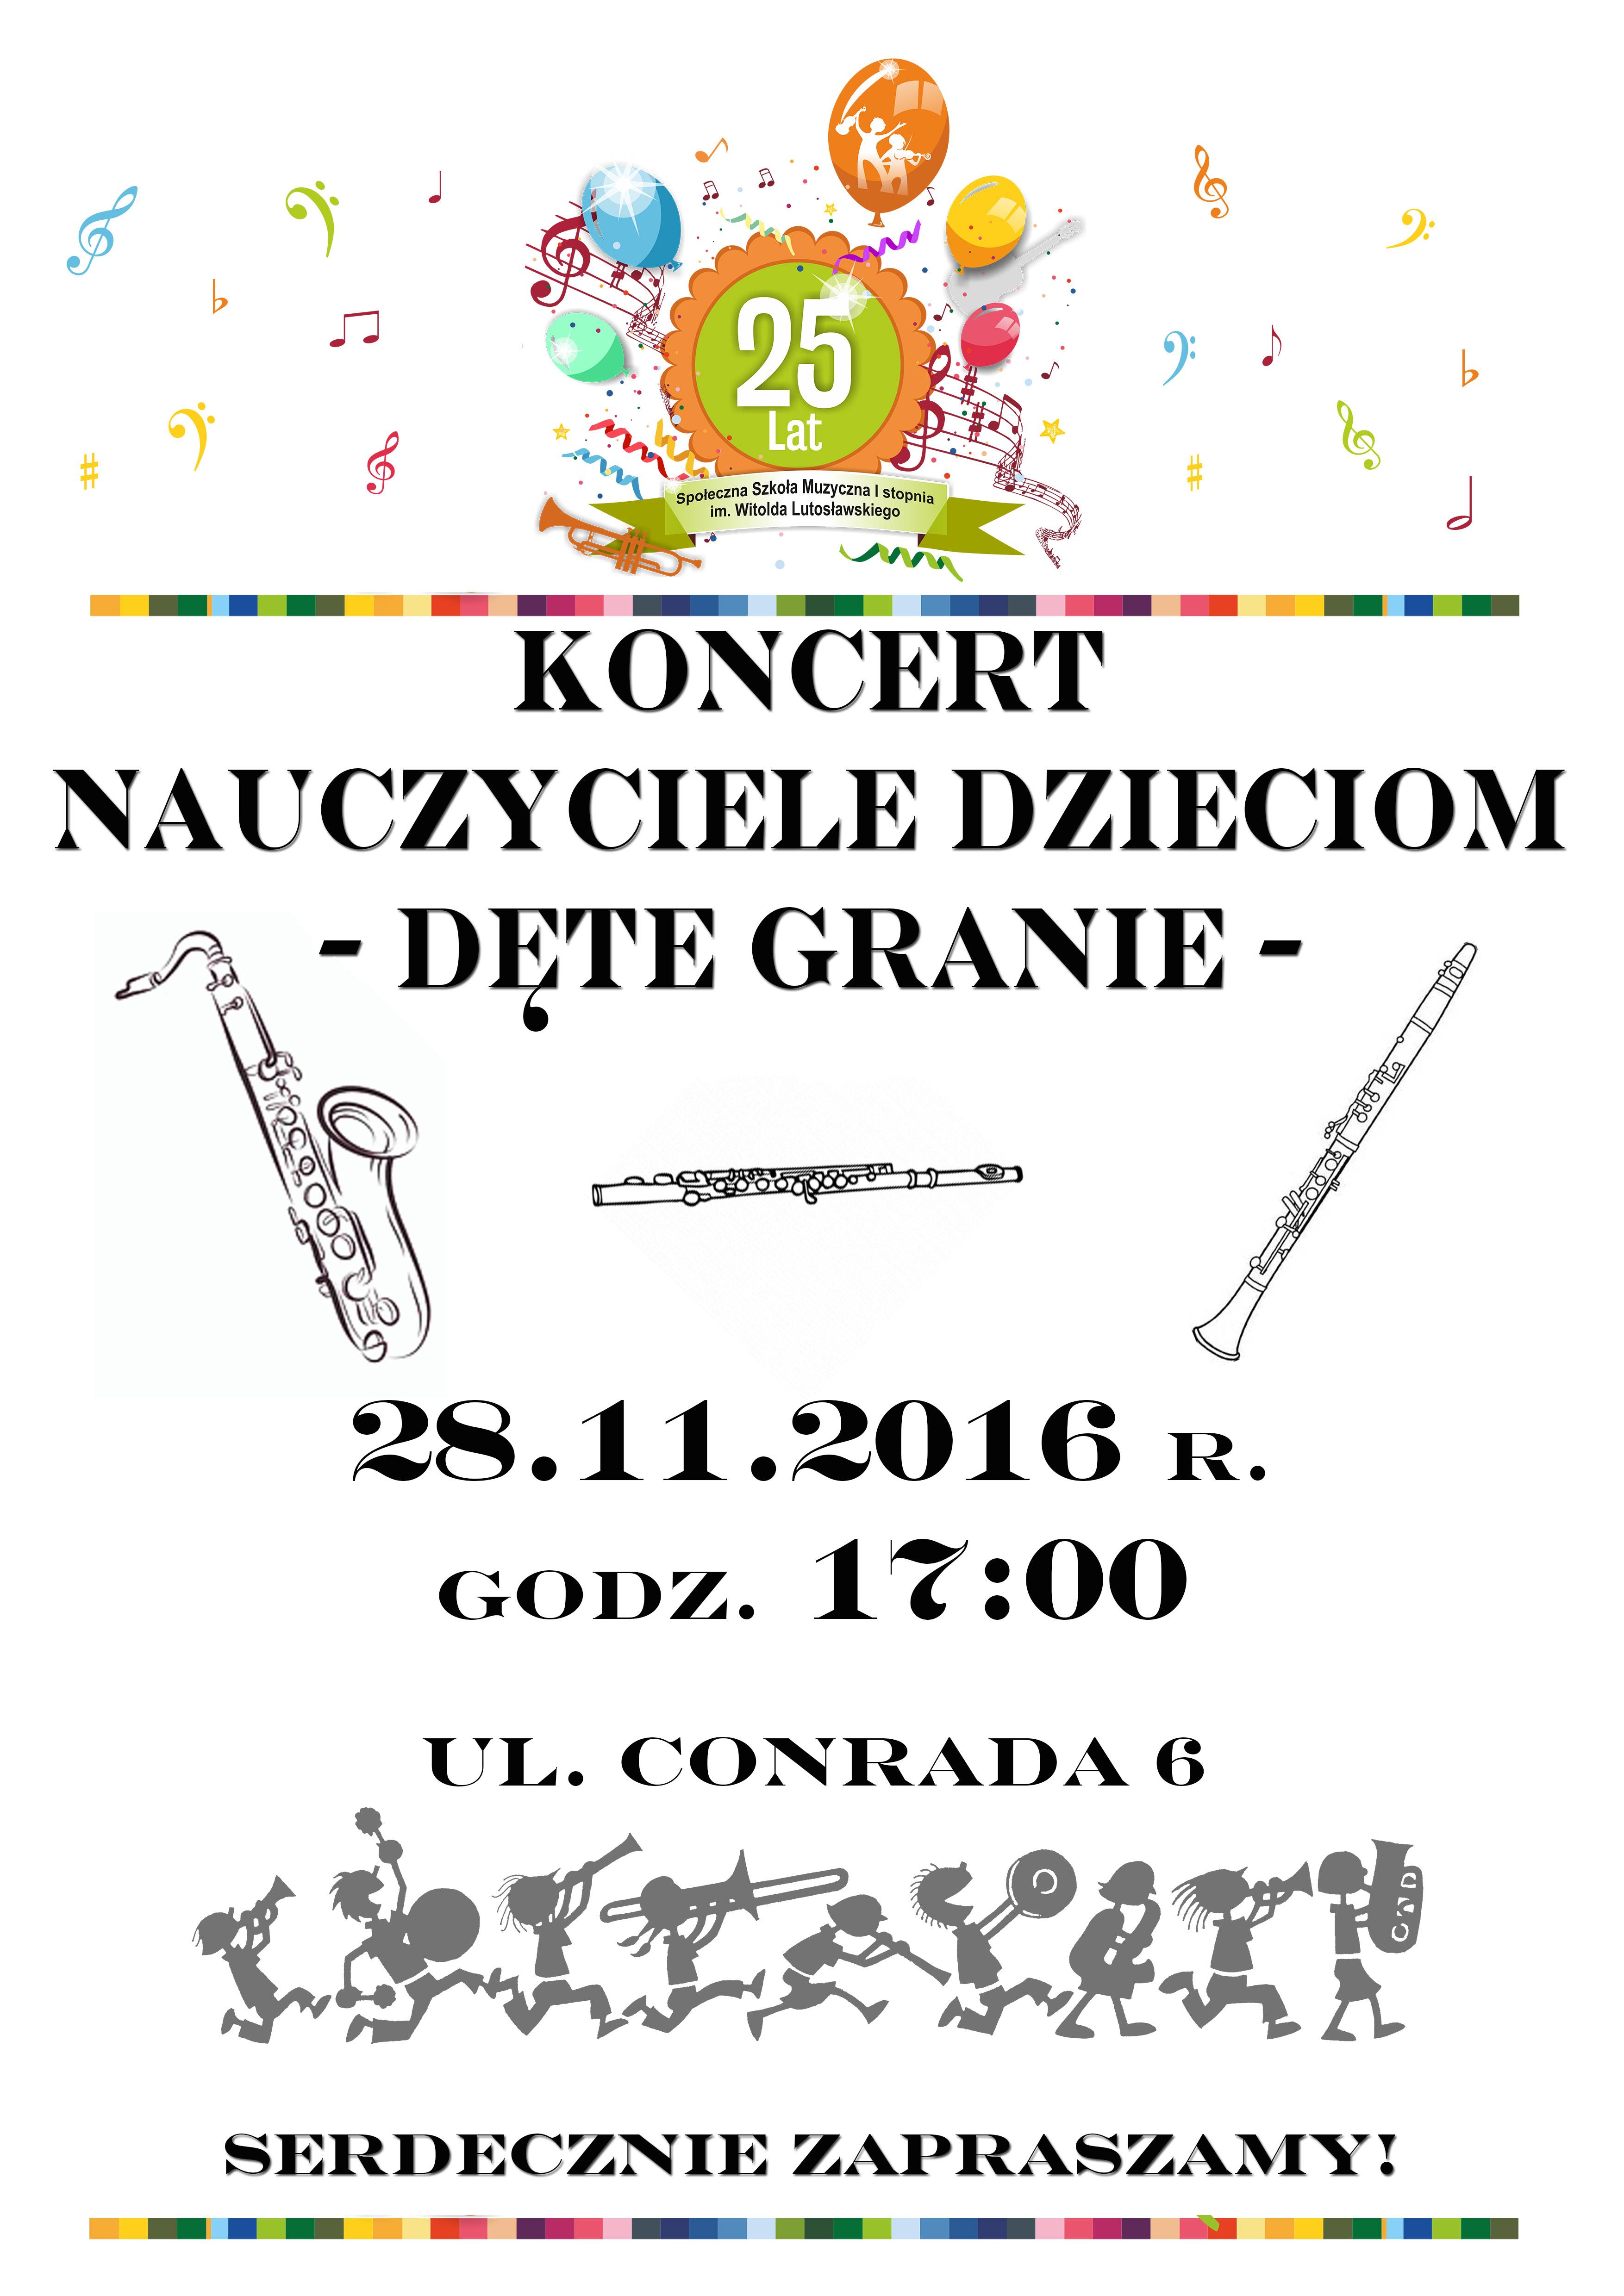 Koncert Dete 28.11.16v2 1